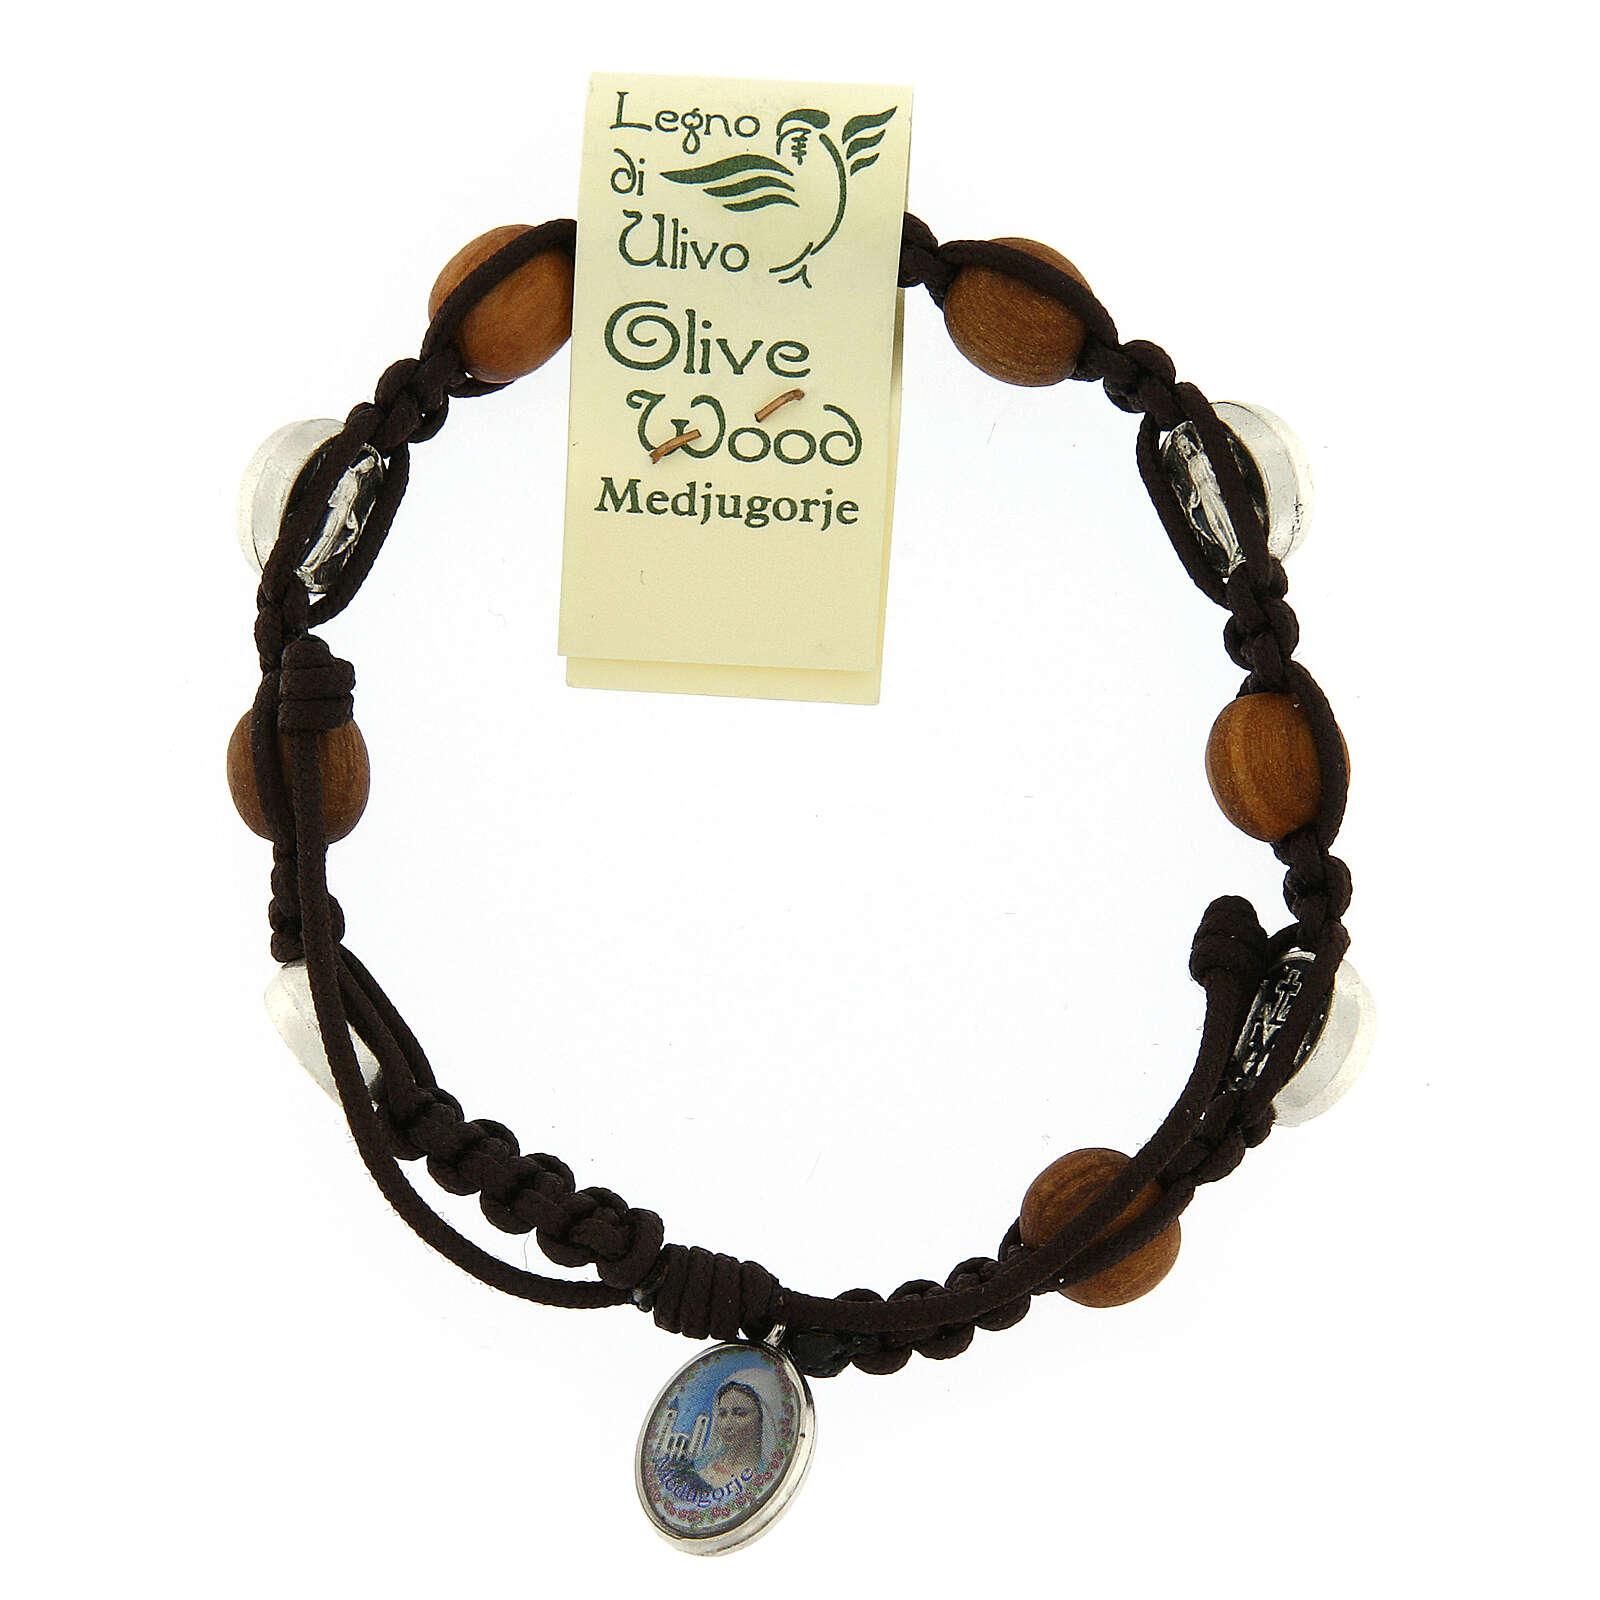 Pulsera de olivo con pequeña medalla milagrosa 4